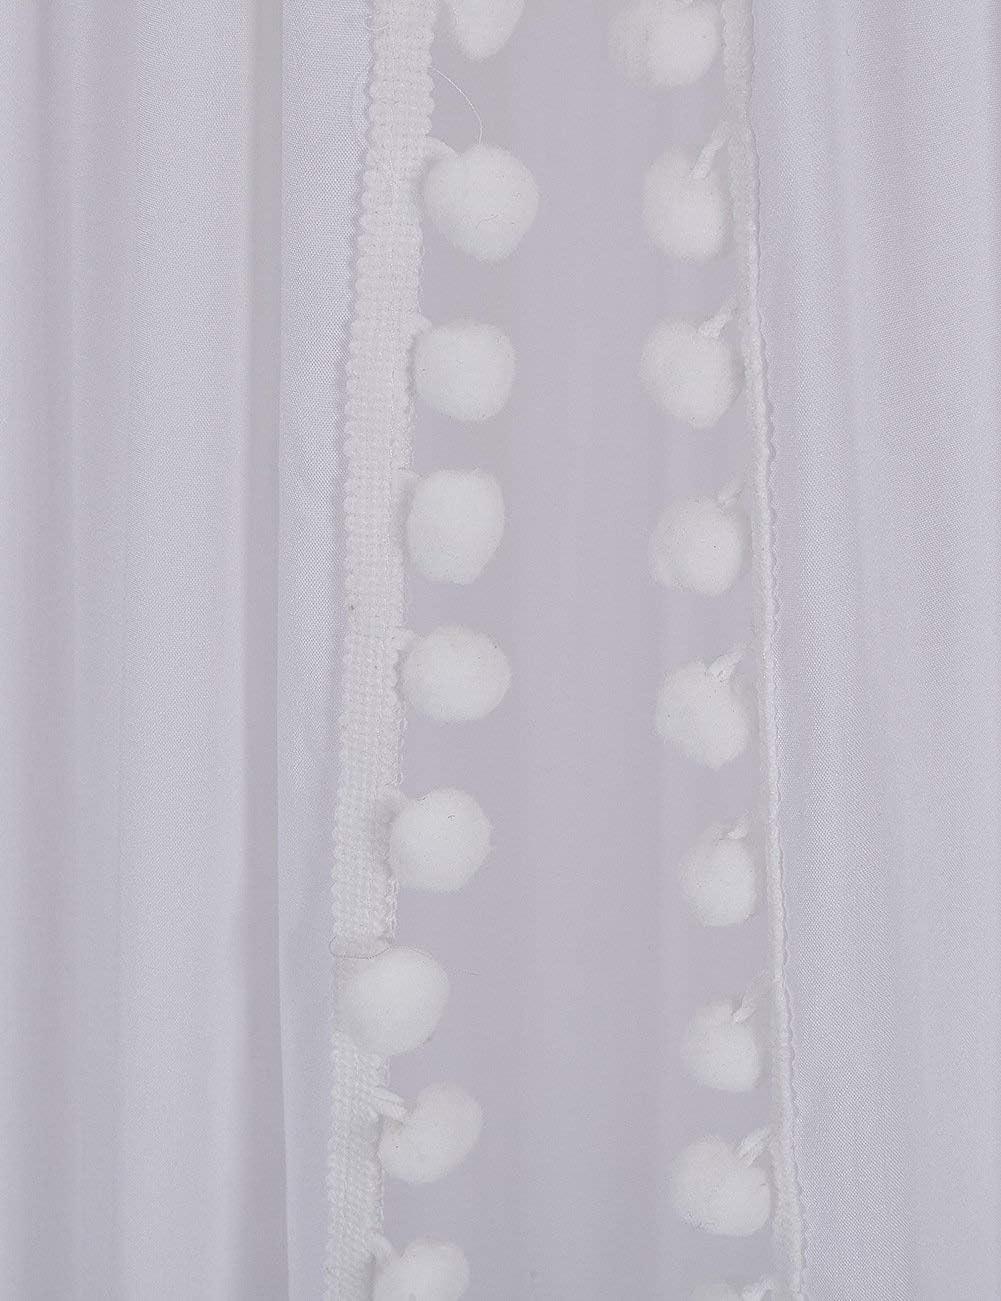 dosel para la sala de lectura de los ni/ños mosquitera Dosel de cama redondo con pomp/ón decoraci/ón de guarder/ía decoraci/ón de dormitorio